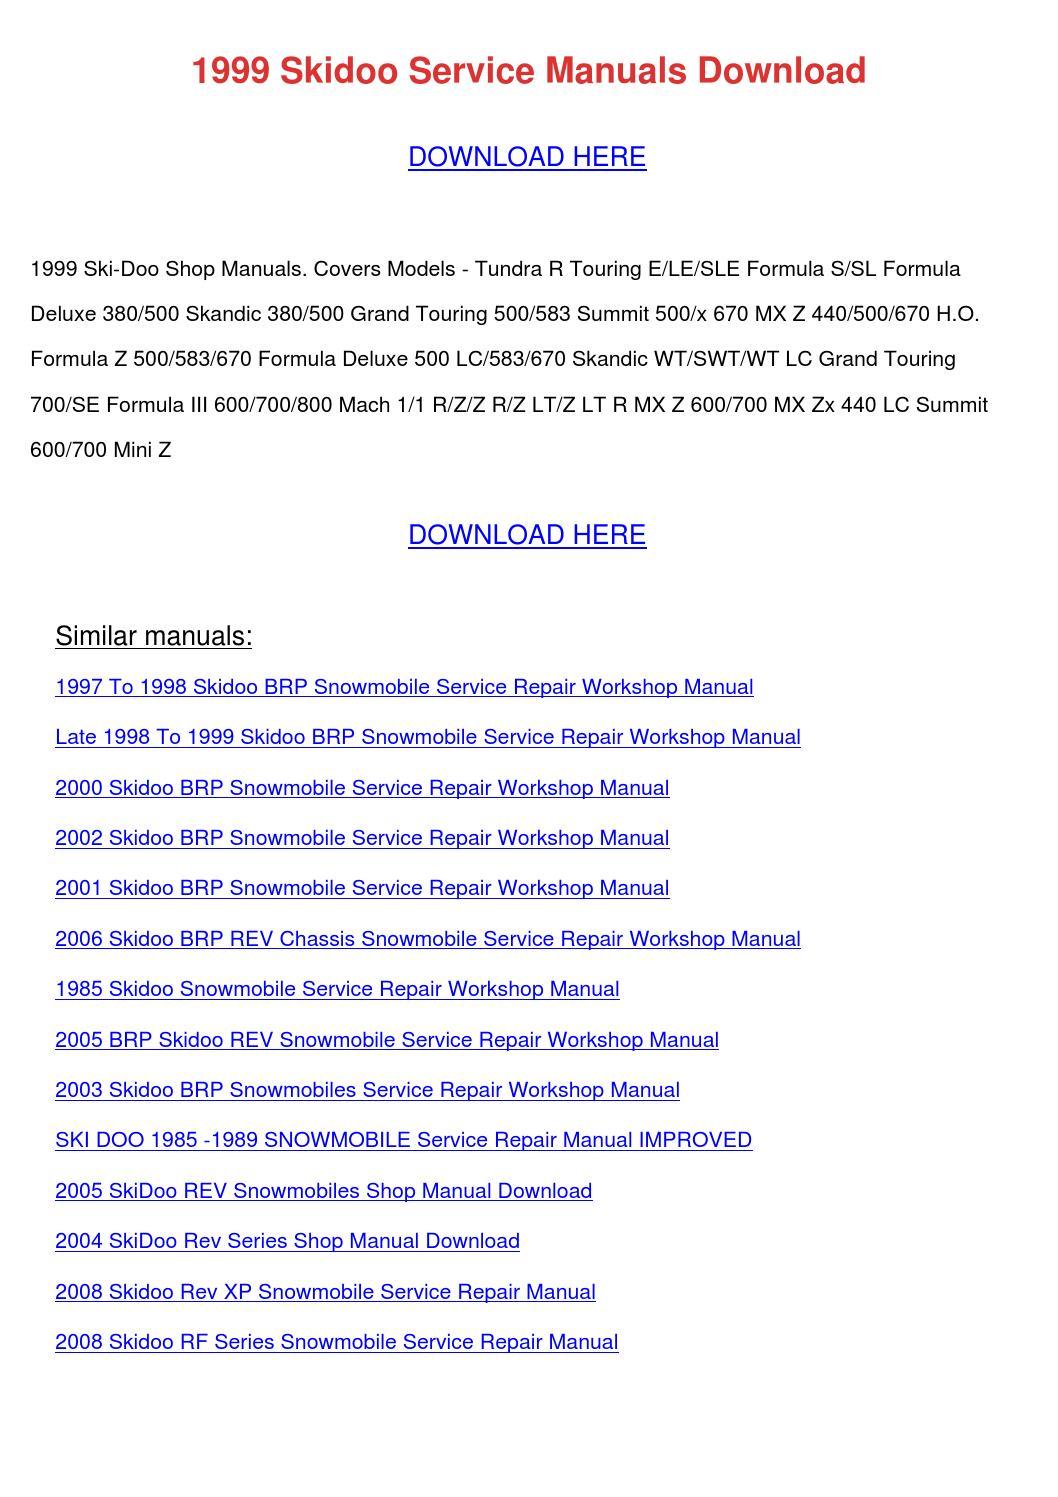 1999 skidoo service manuals download by tomokostott